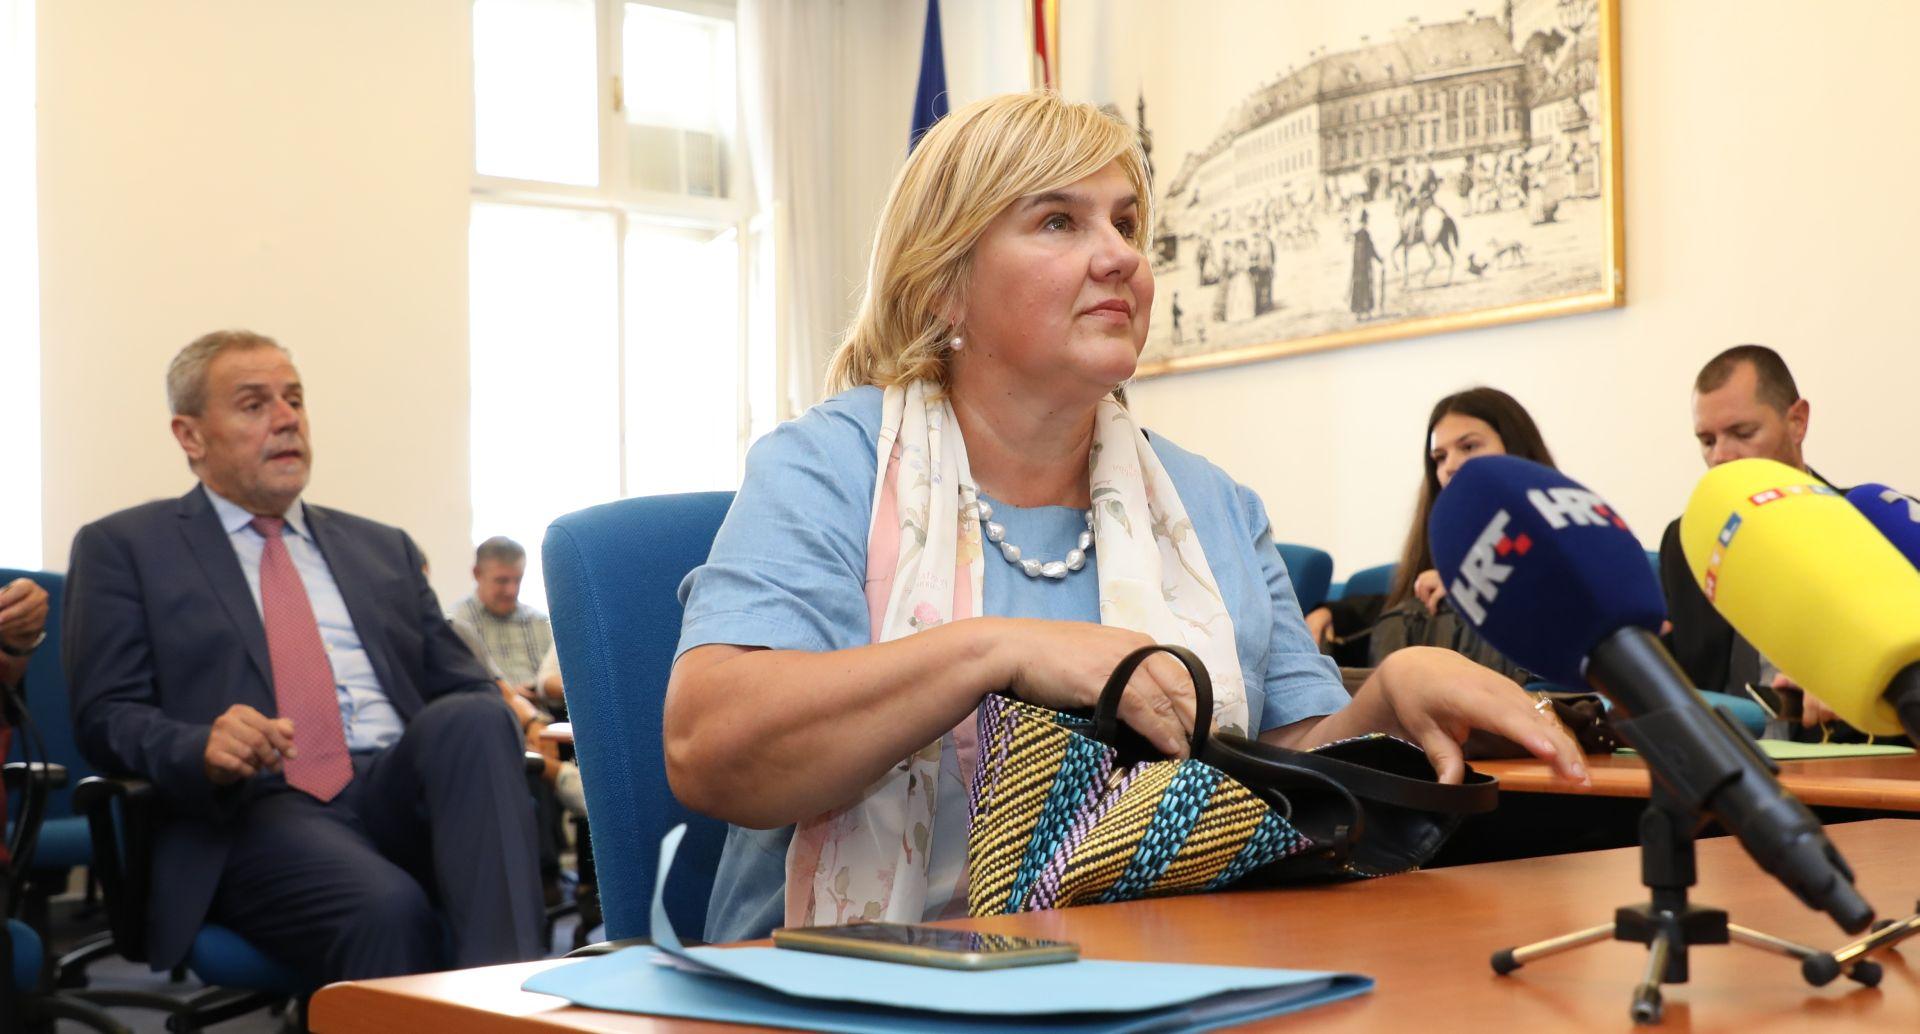 """SVJEDOČENJE MARKIĆ """"Sve račune smo dostavili Gradu Zagrebu"""""""